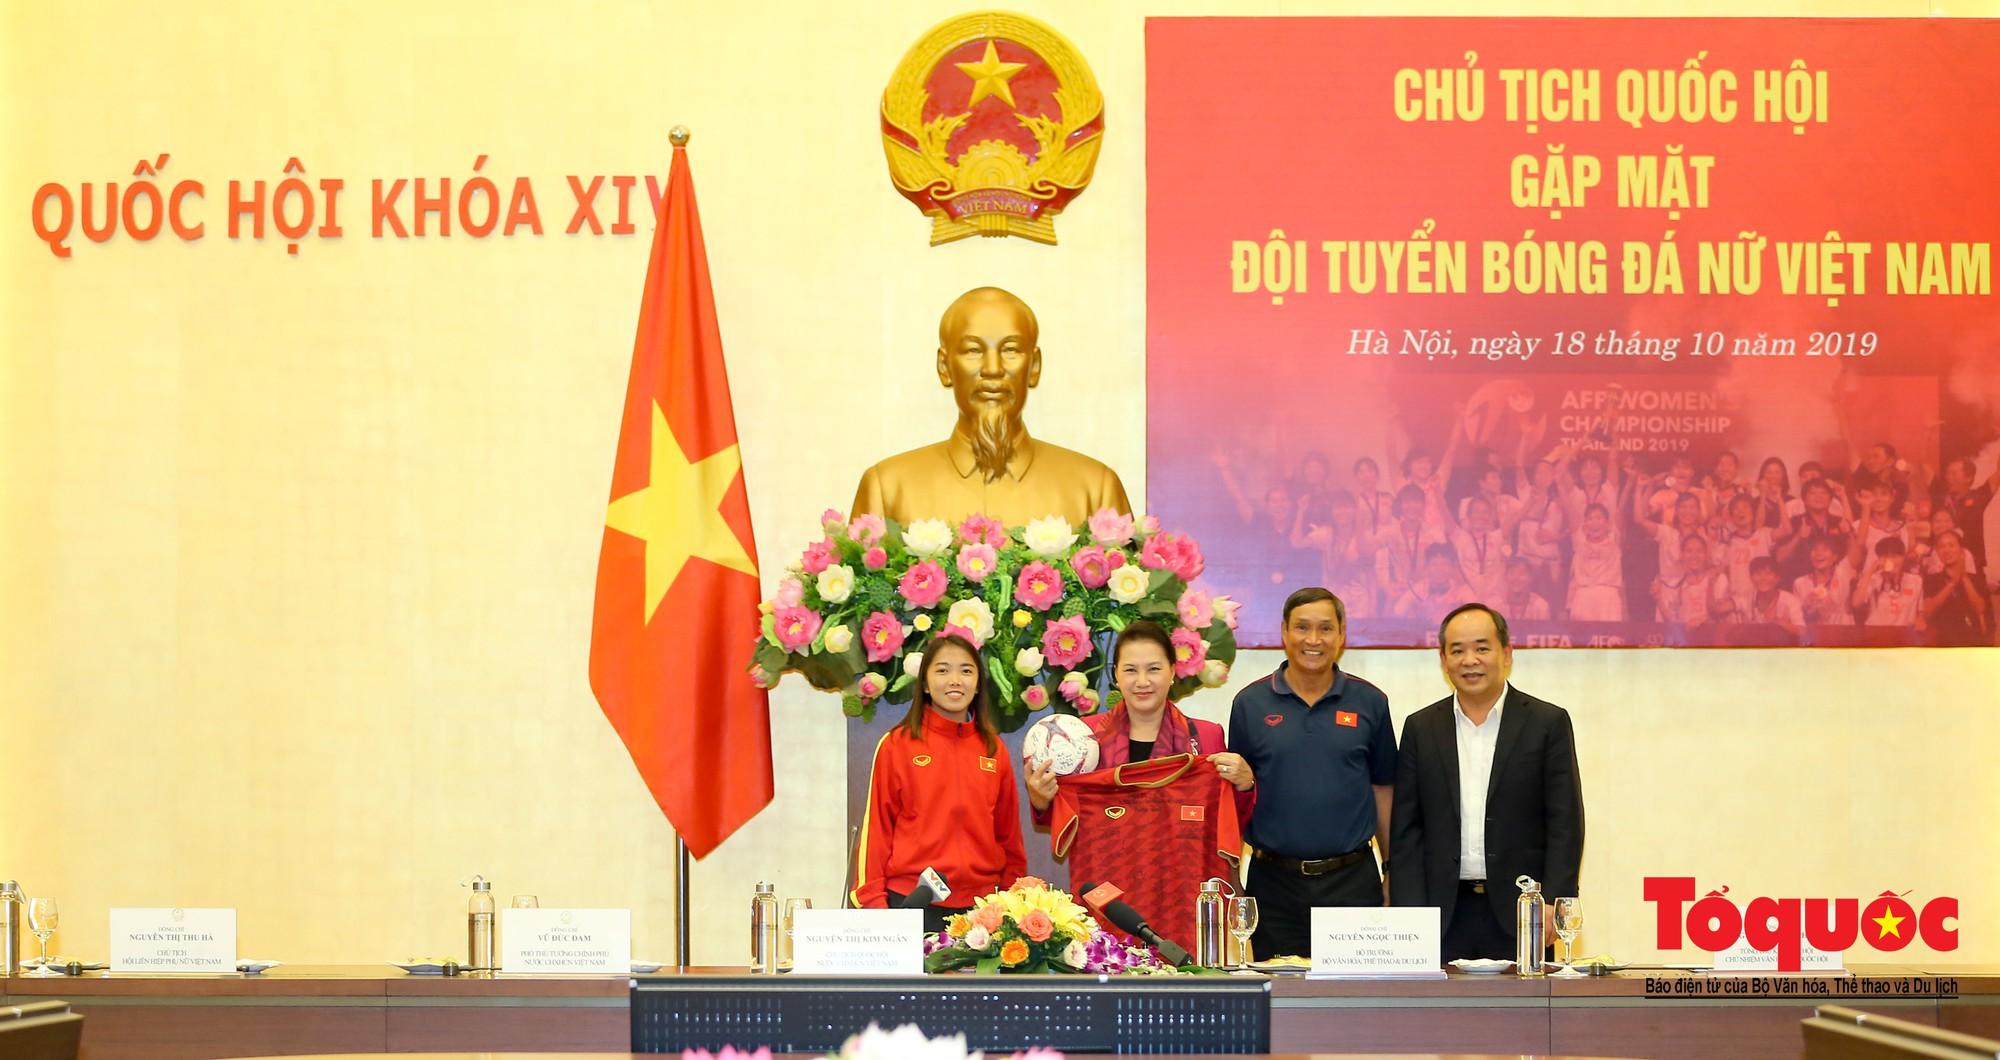 Chủ tịch Quốc hội Nguyễn Thị Kim Ngân: Bóng đá nam nhìn thành tích bóng đá nữ còn phải mơ ước dài15